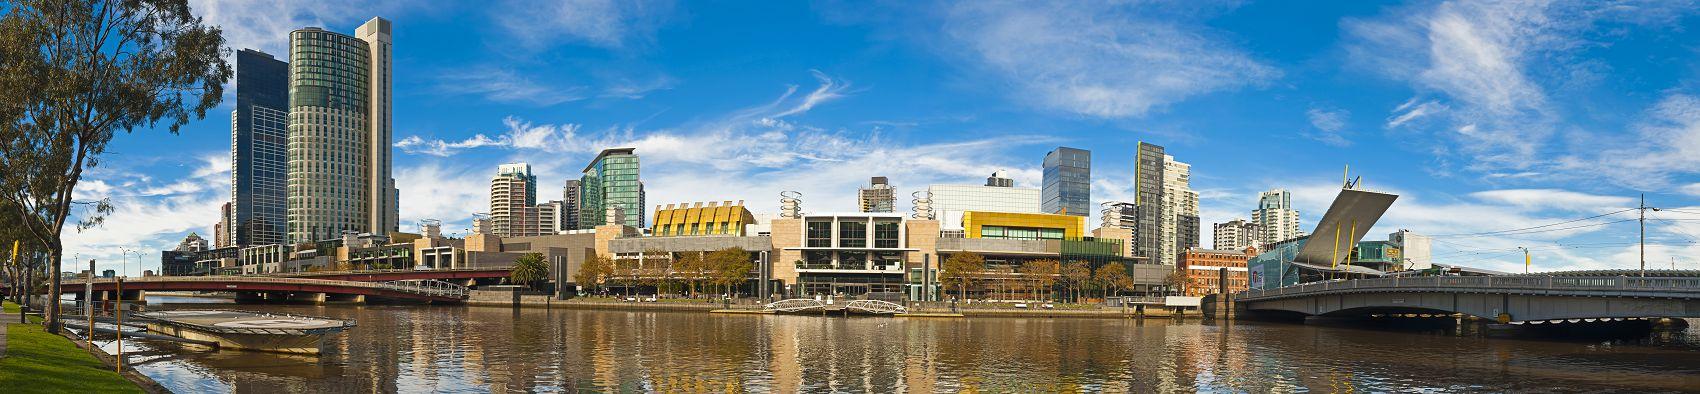 Мельбурн город в Австралии